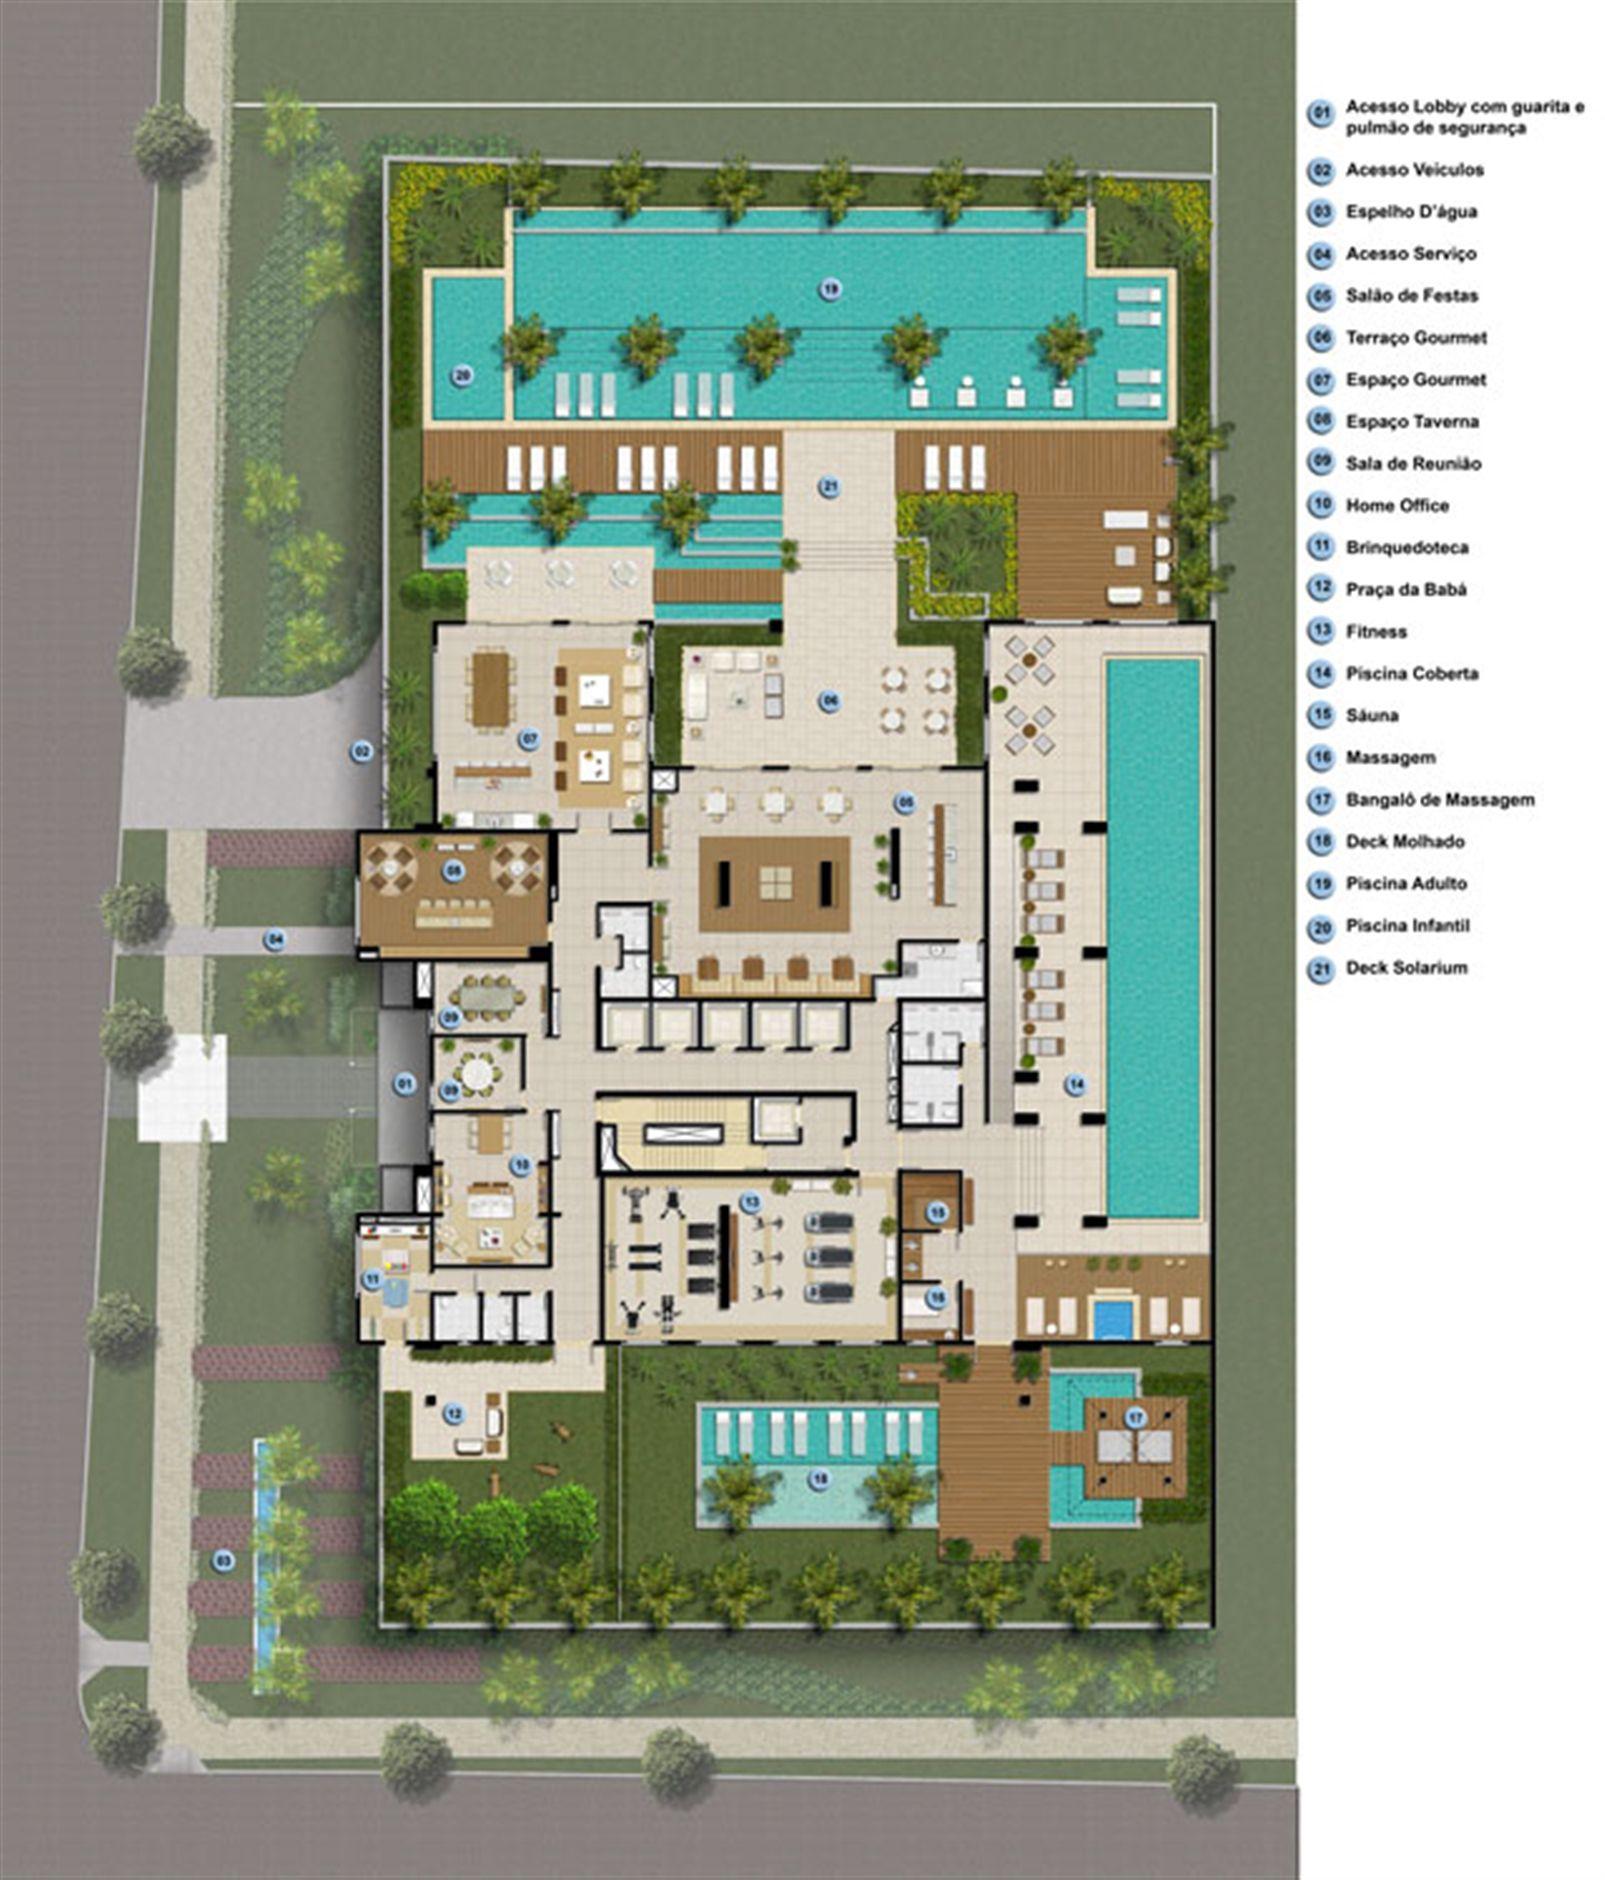 Planta Implantação Pav. Lazer | Mandarim Belém – Apartamentoem  Umarizal  - Belém - Pará